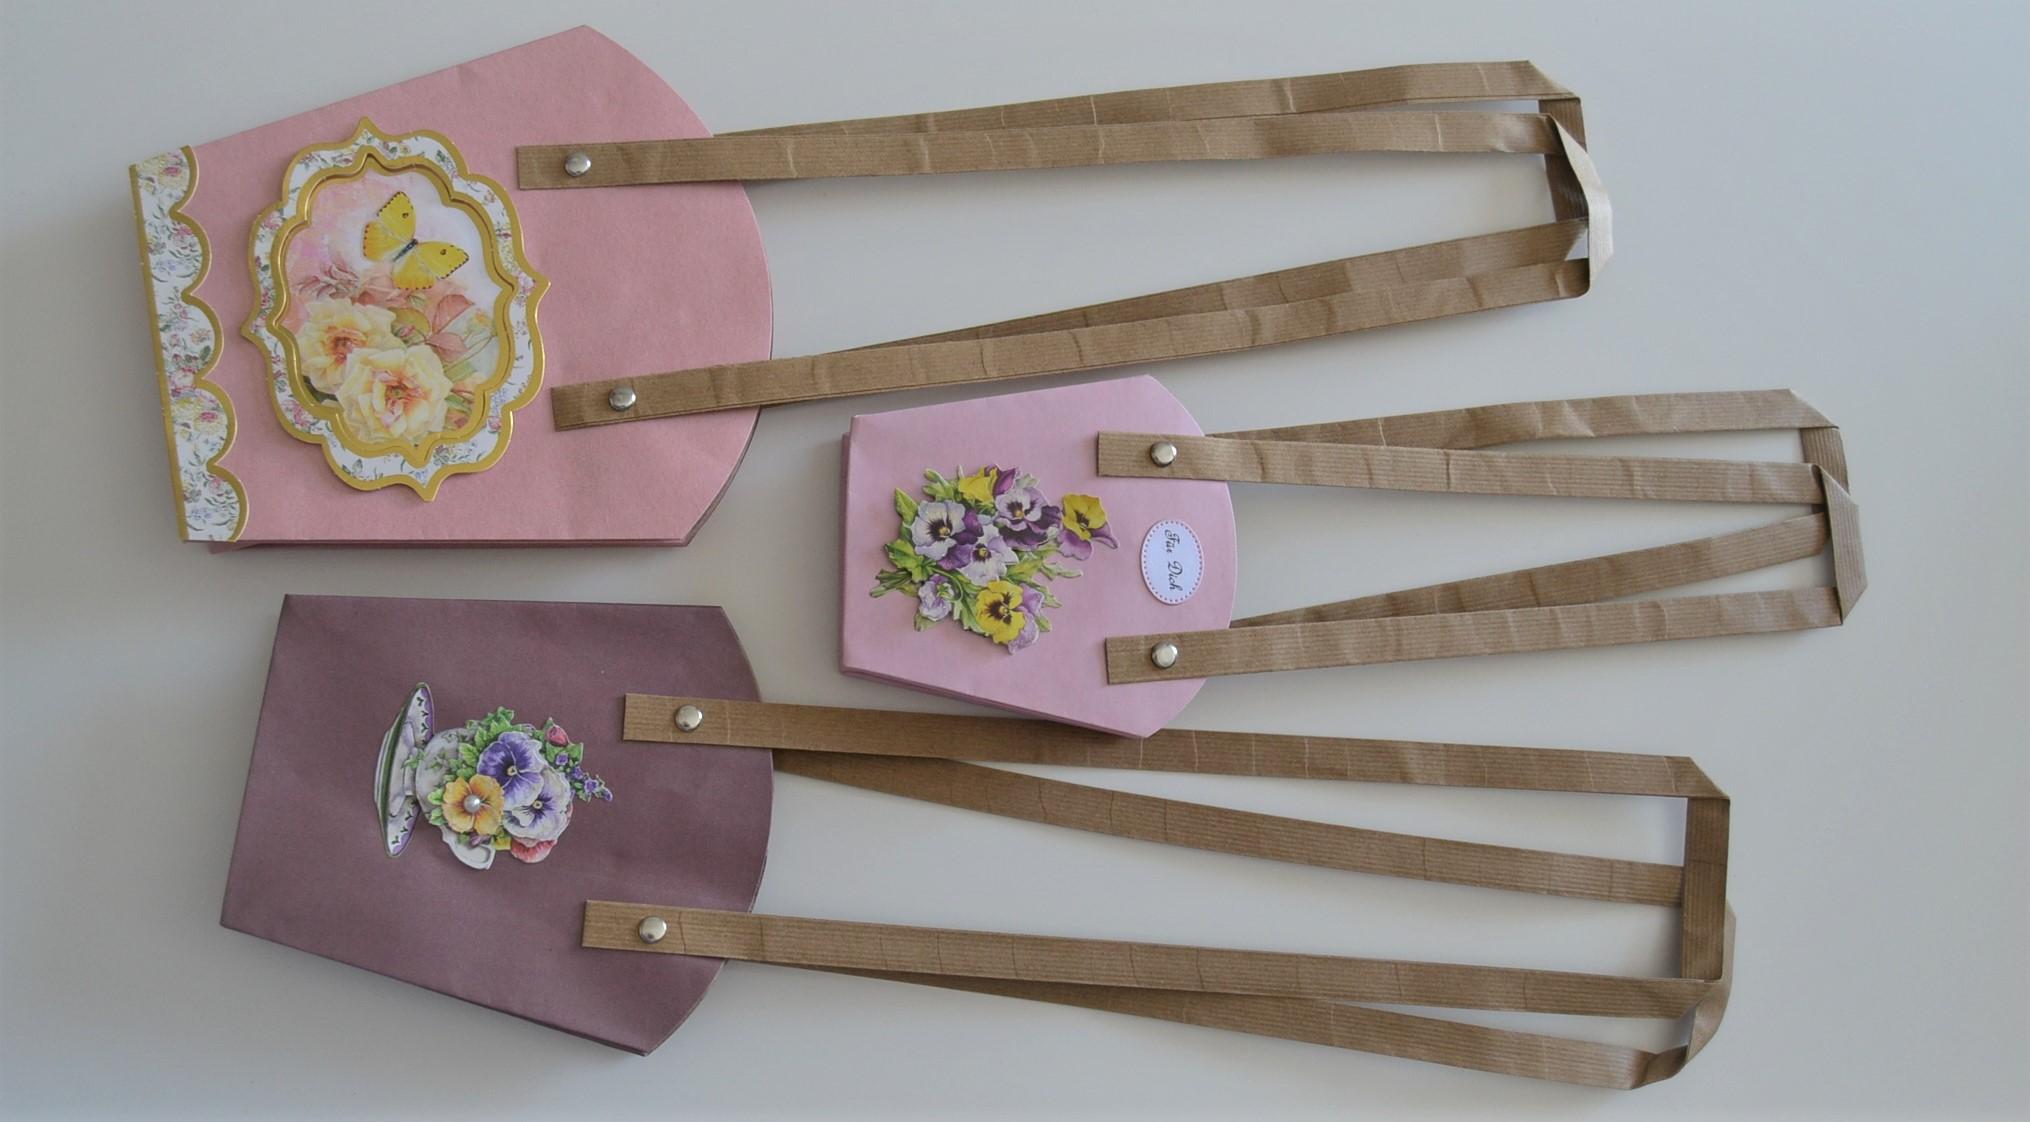 Geschenk-Taschen für Pflanzen in drei verschiedenen Größen und verschiedenen Farben.